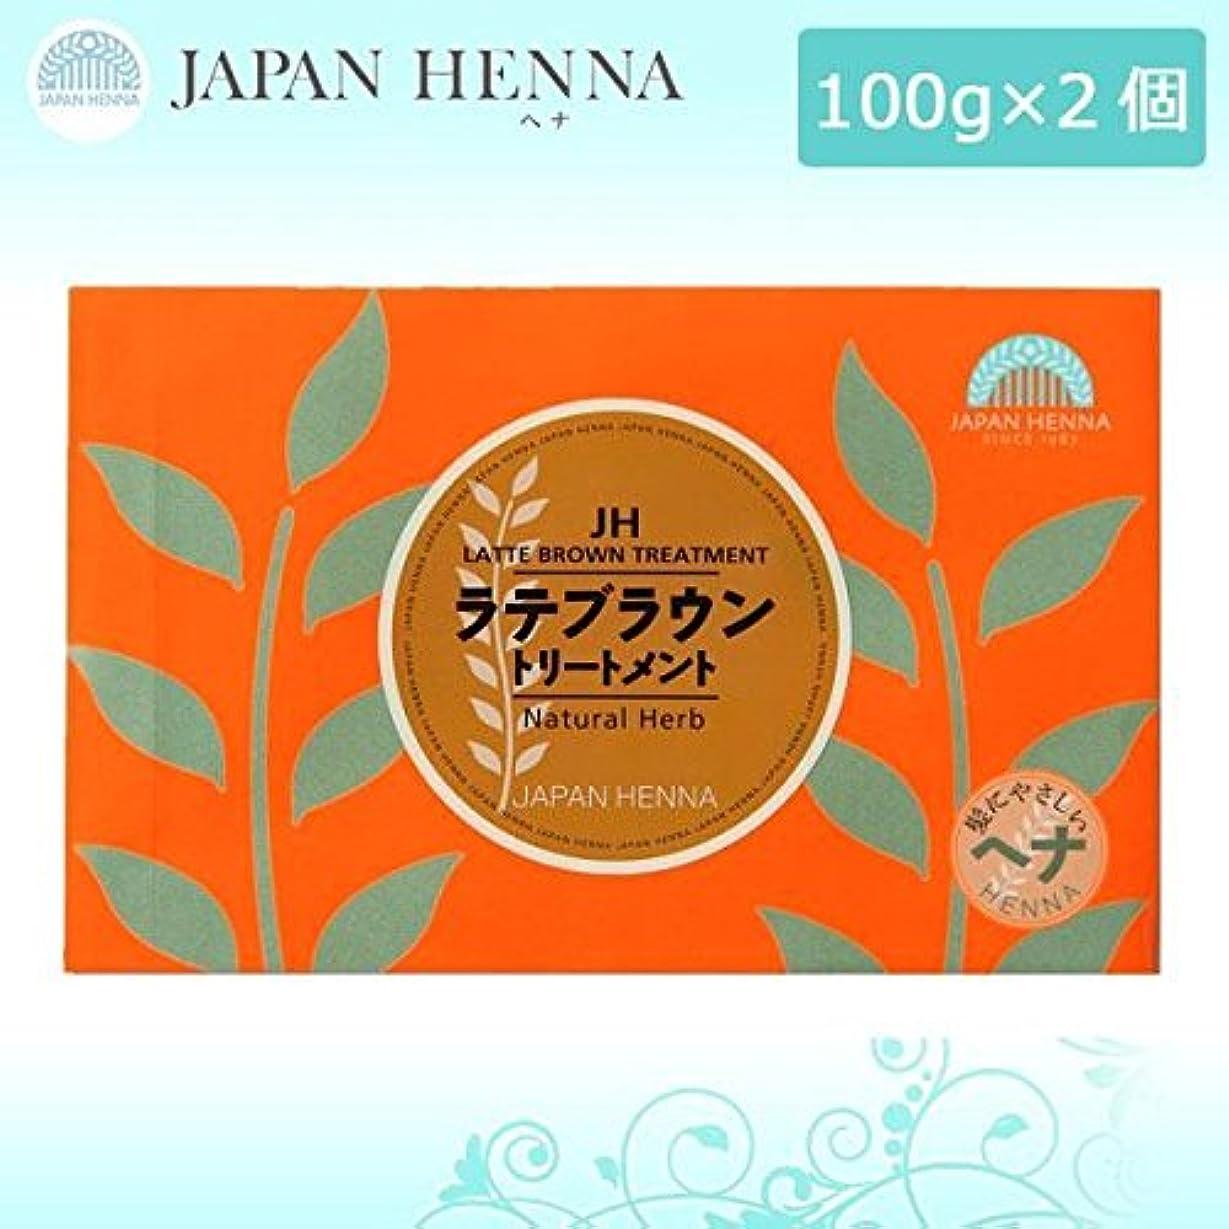 信条飢饉ペンフレンドジャパンヘナ ヘナカラートリートメント ラテブラウン B-10 100g×2個セット